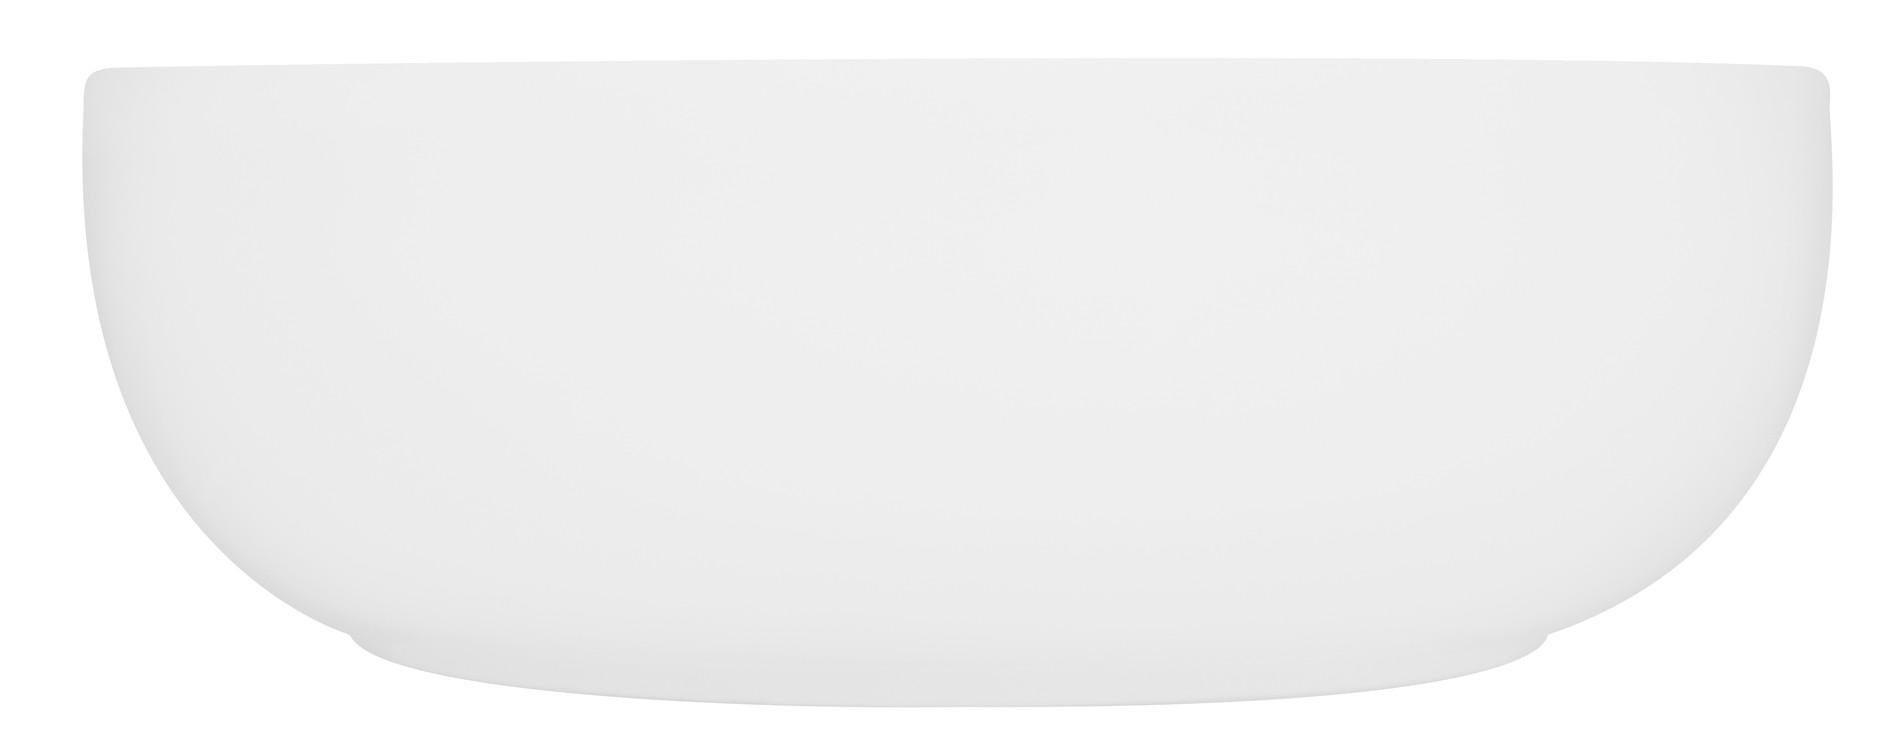 Μπολ Σαλάτας Silk Bone China 26cm Ionia home   ειδη σερβιρισματος   μπολ   σαλατιέρες